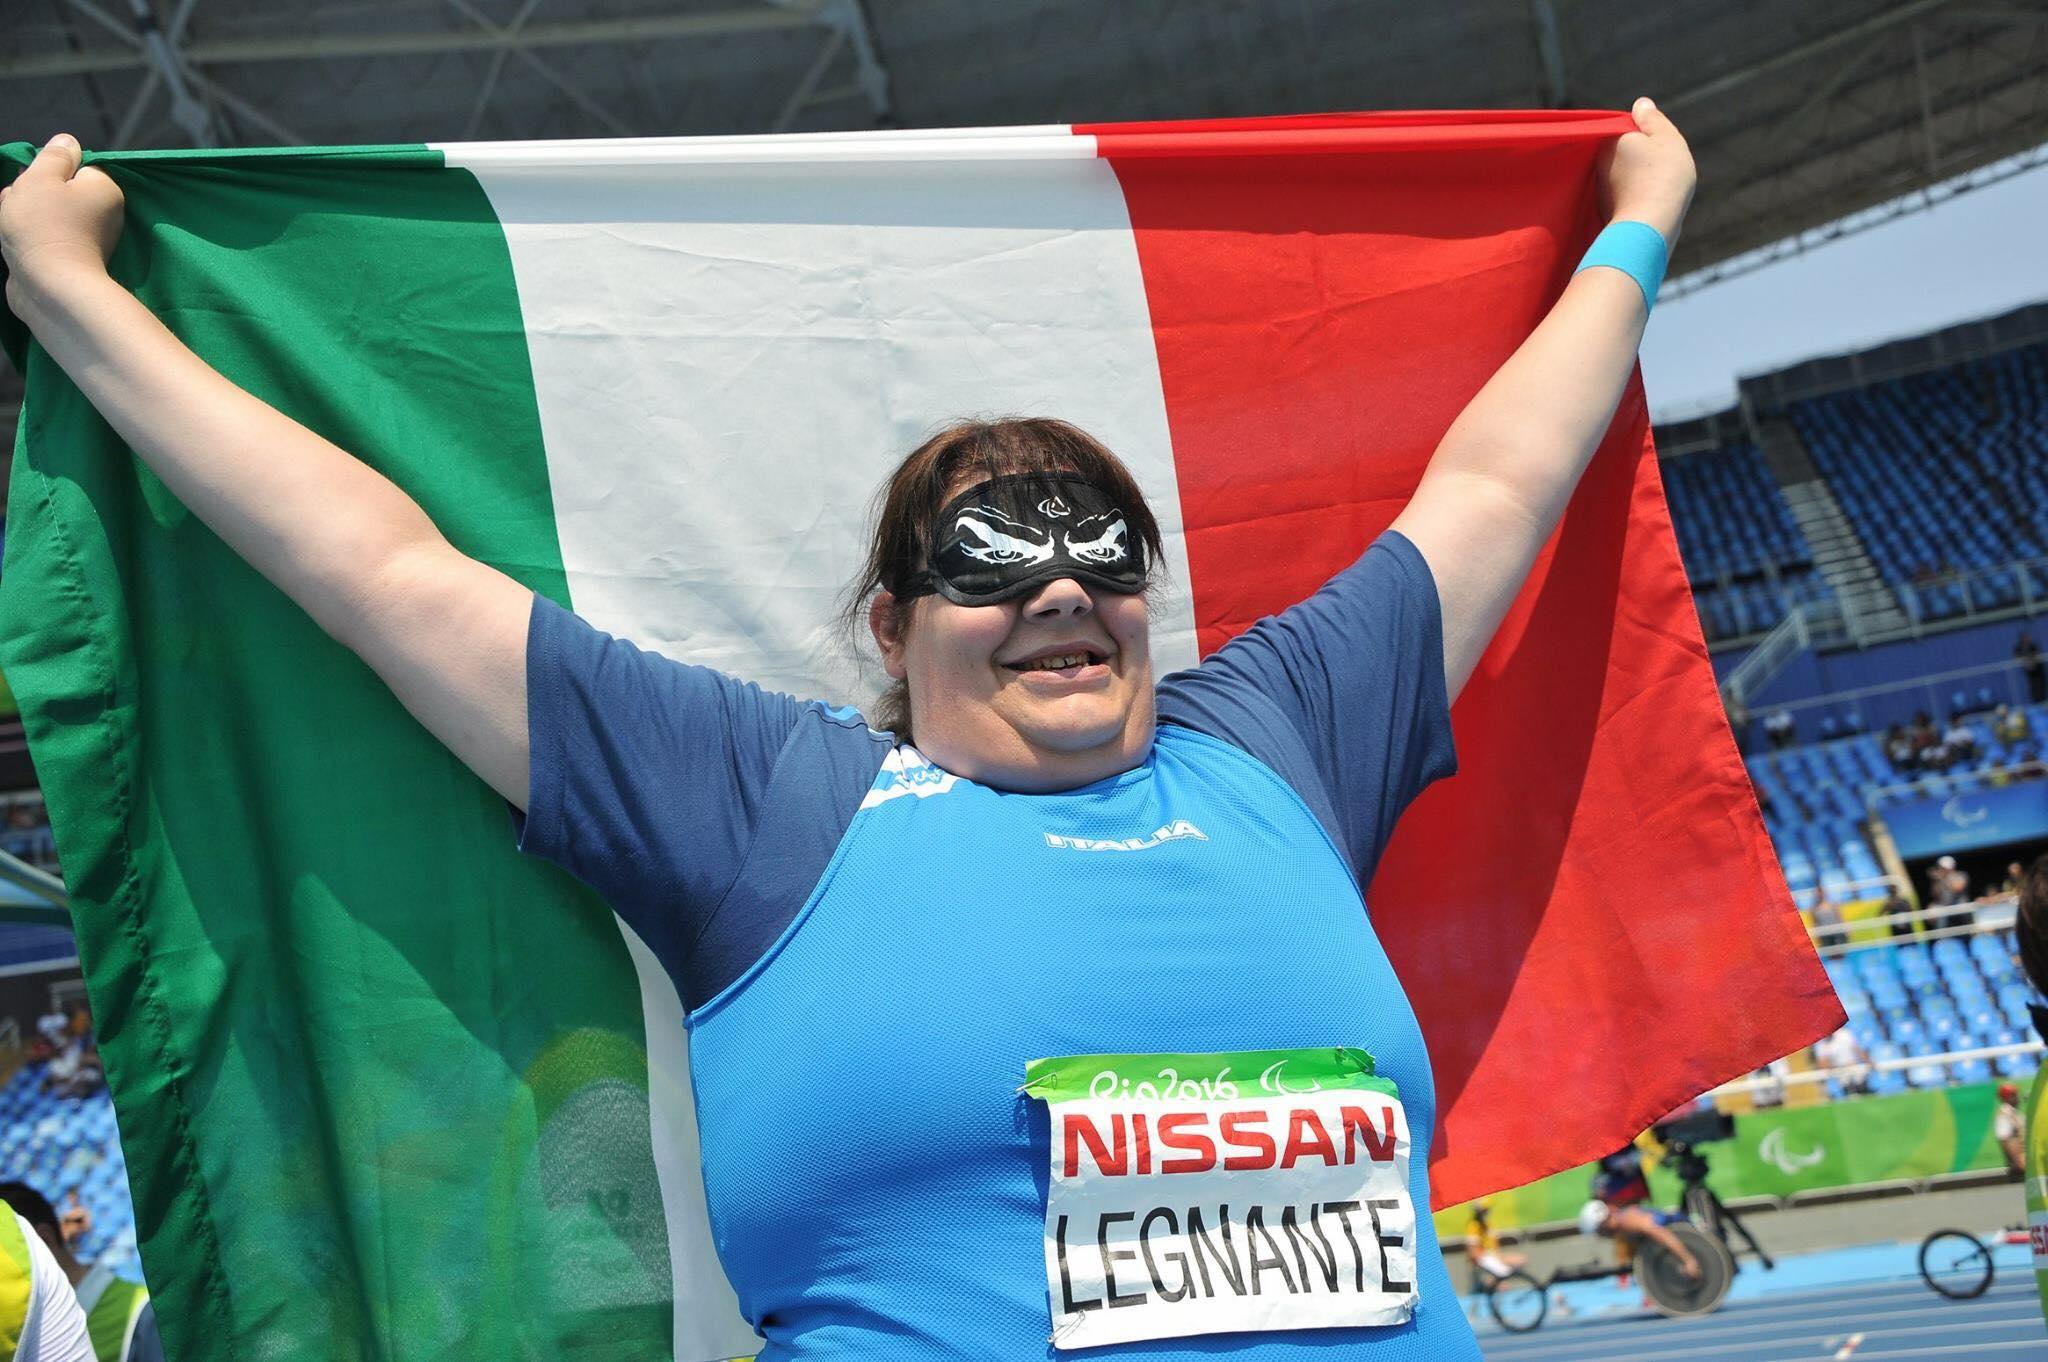 Paralimpiadi, Assunta Legnante oro nel peso.  Congratulazioni di Ceriscioli